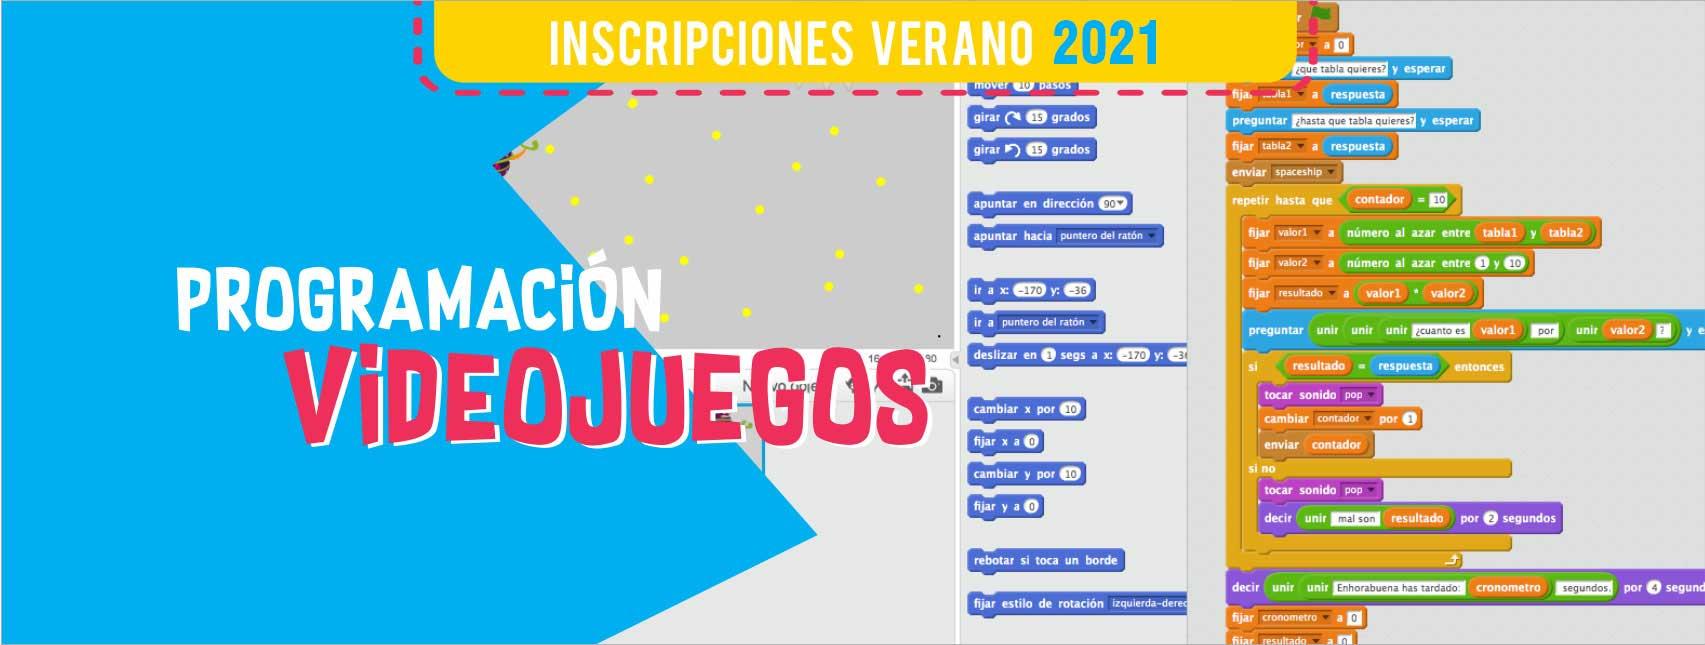 taller verano 2020